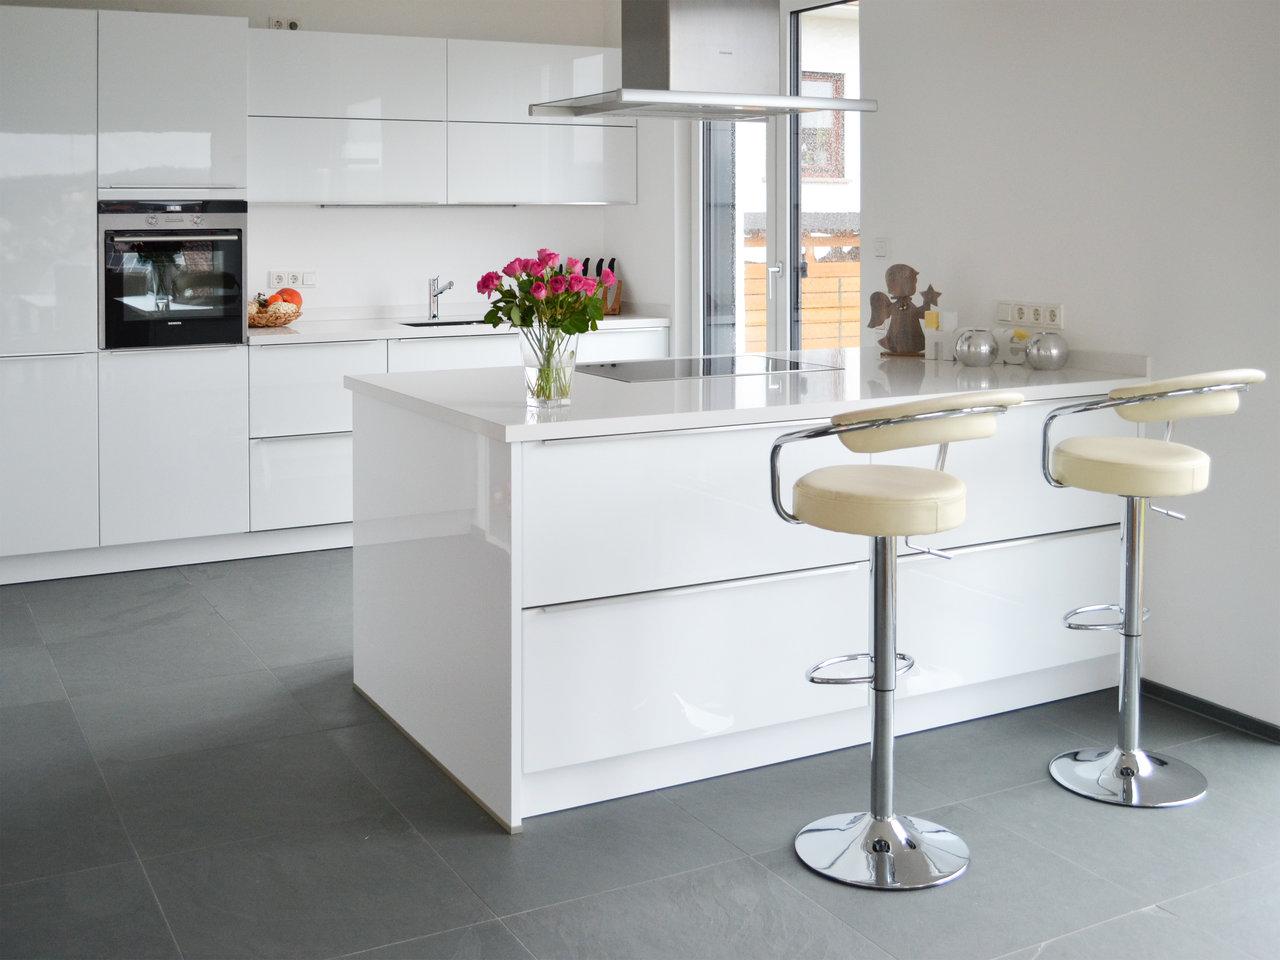 plättli, fliesen, platten, gartenplatten   küche - Fliesen In Der Küche